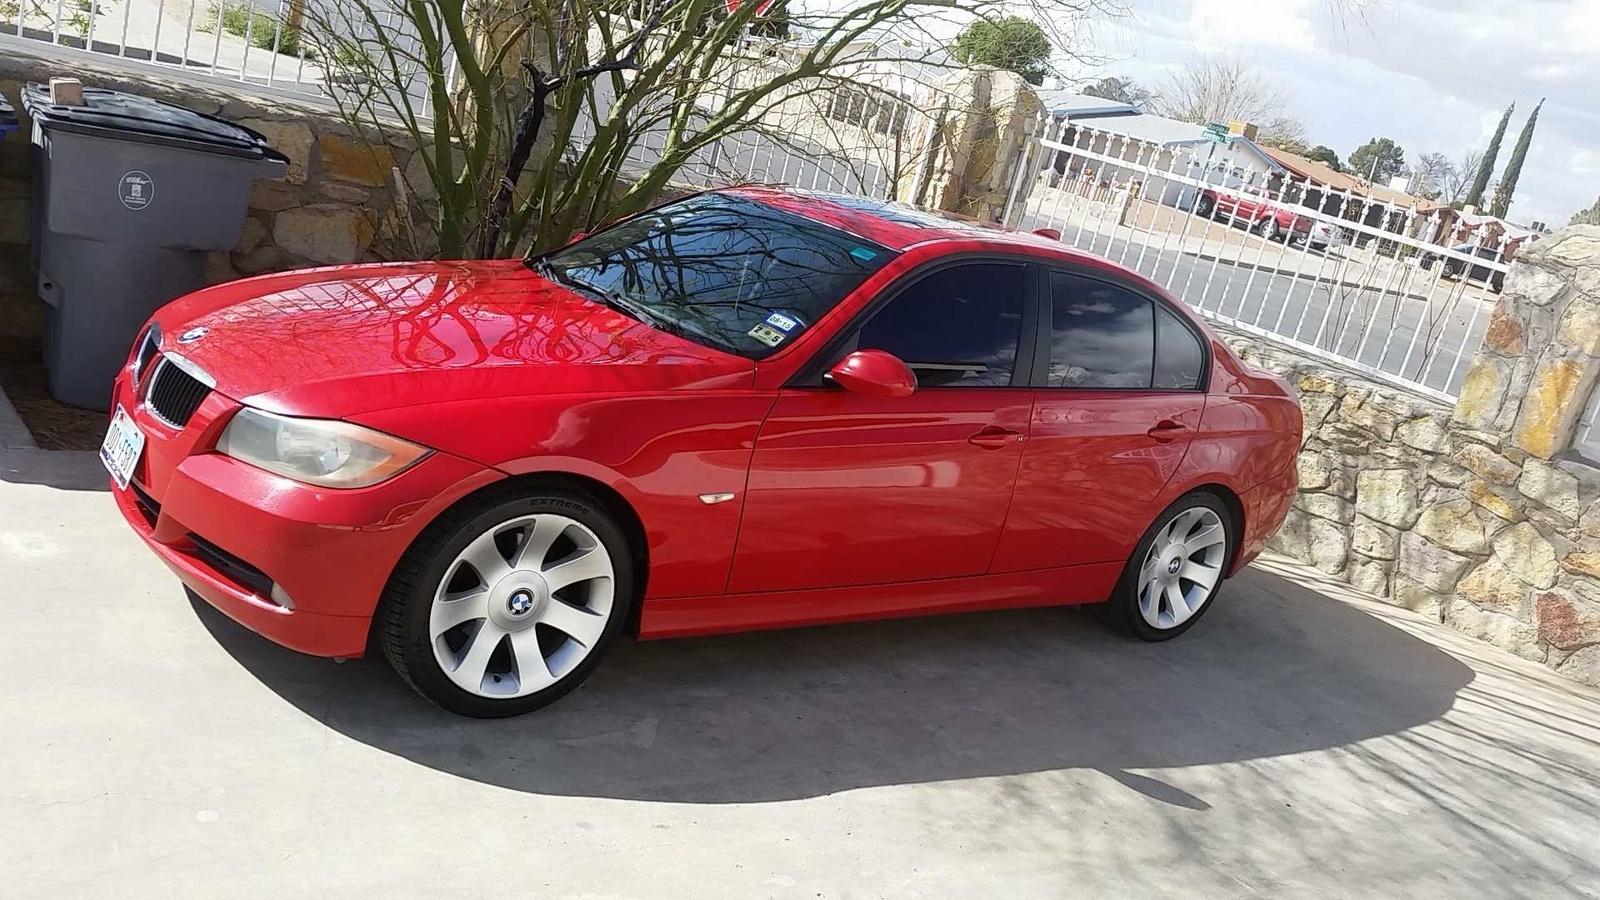 BMW Series Questions Steering Wheel Adjustment CarGurus - Bmw 325i steering wheel